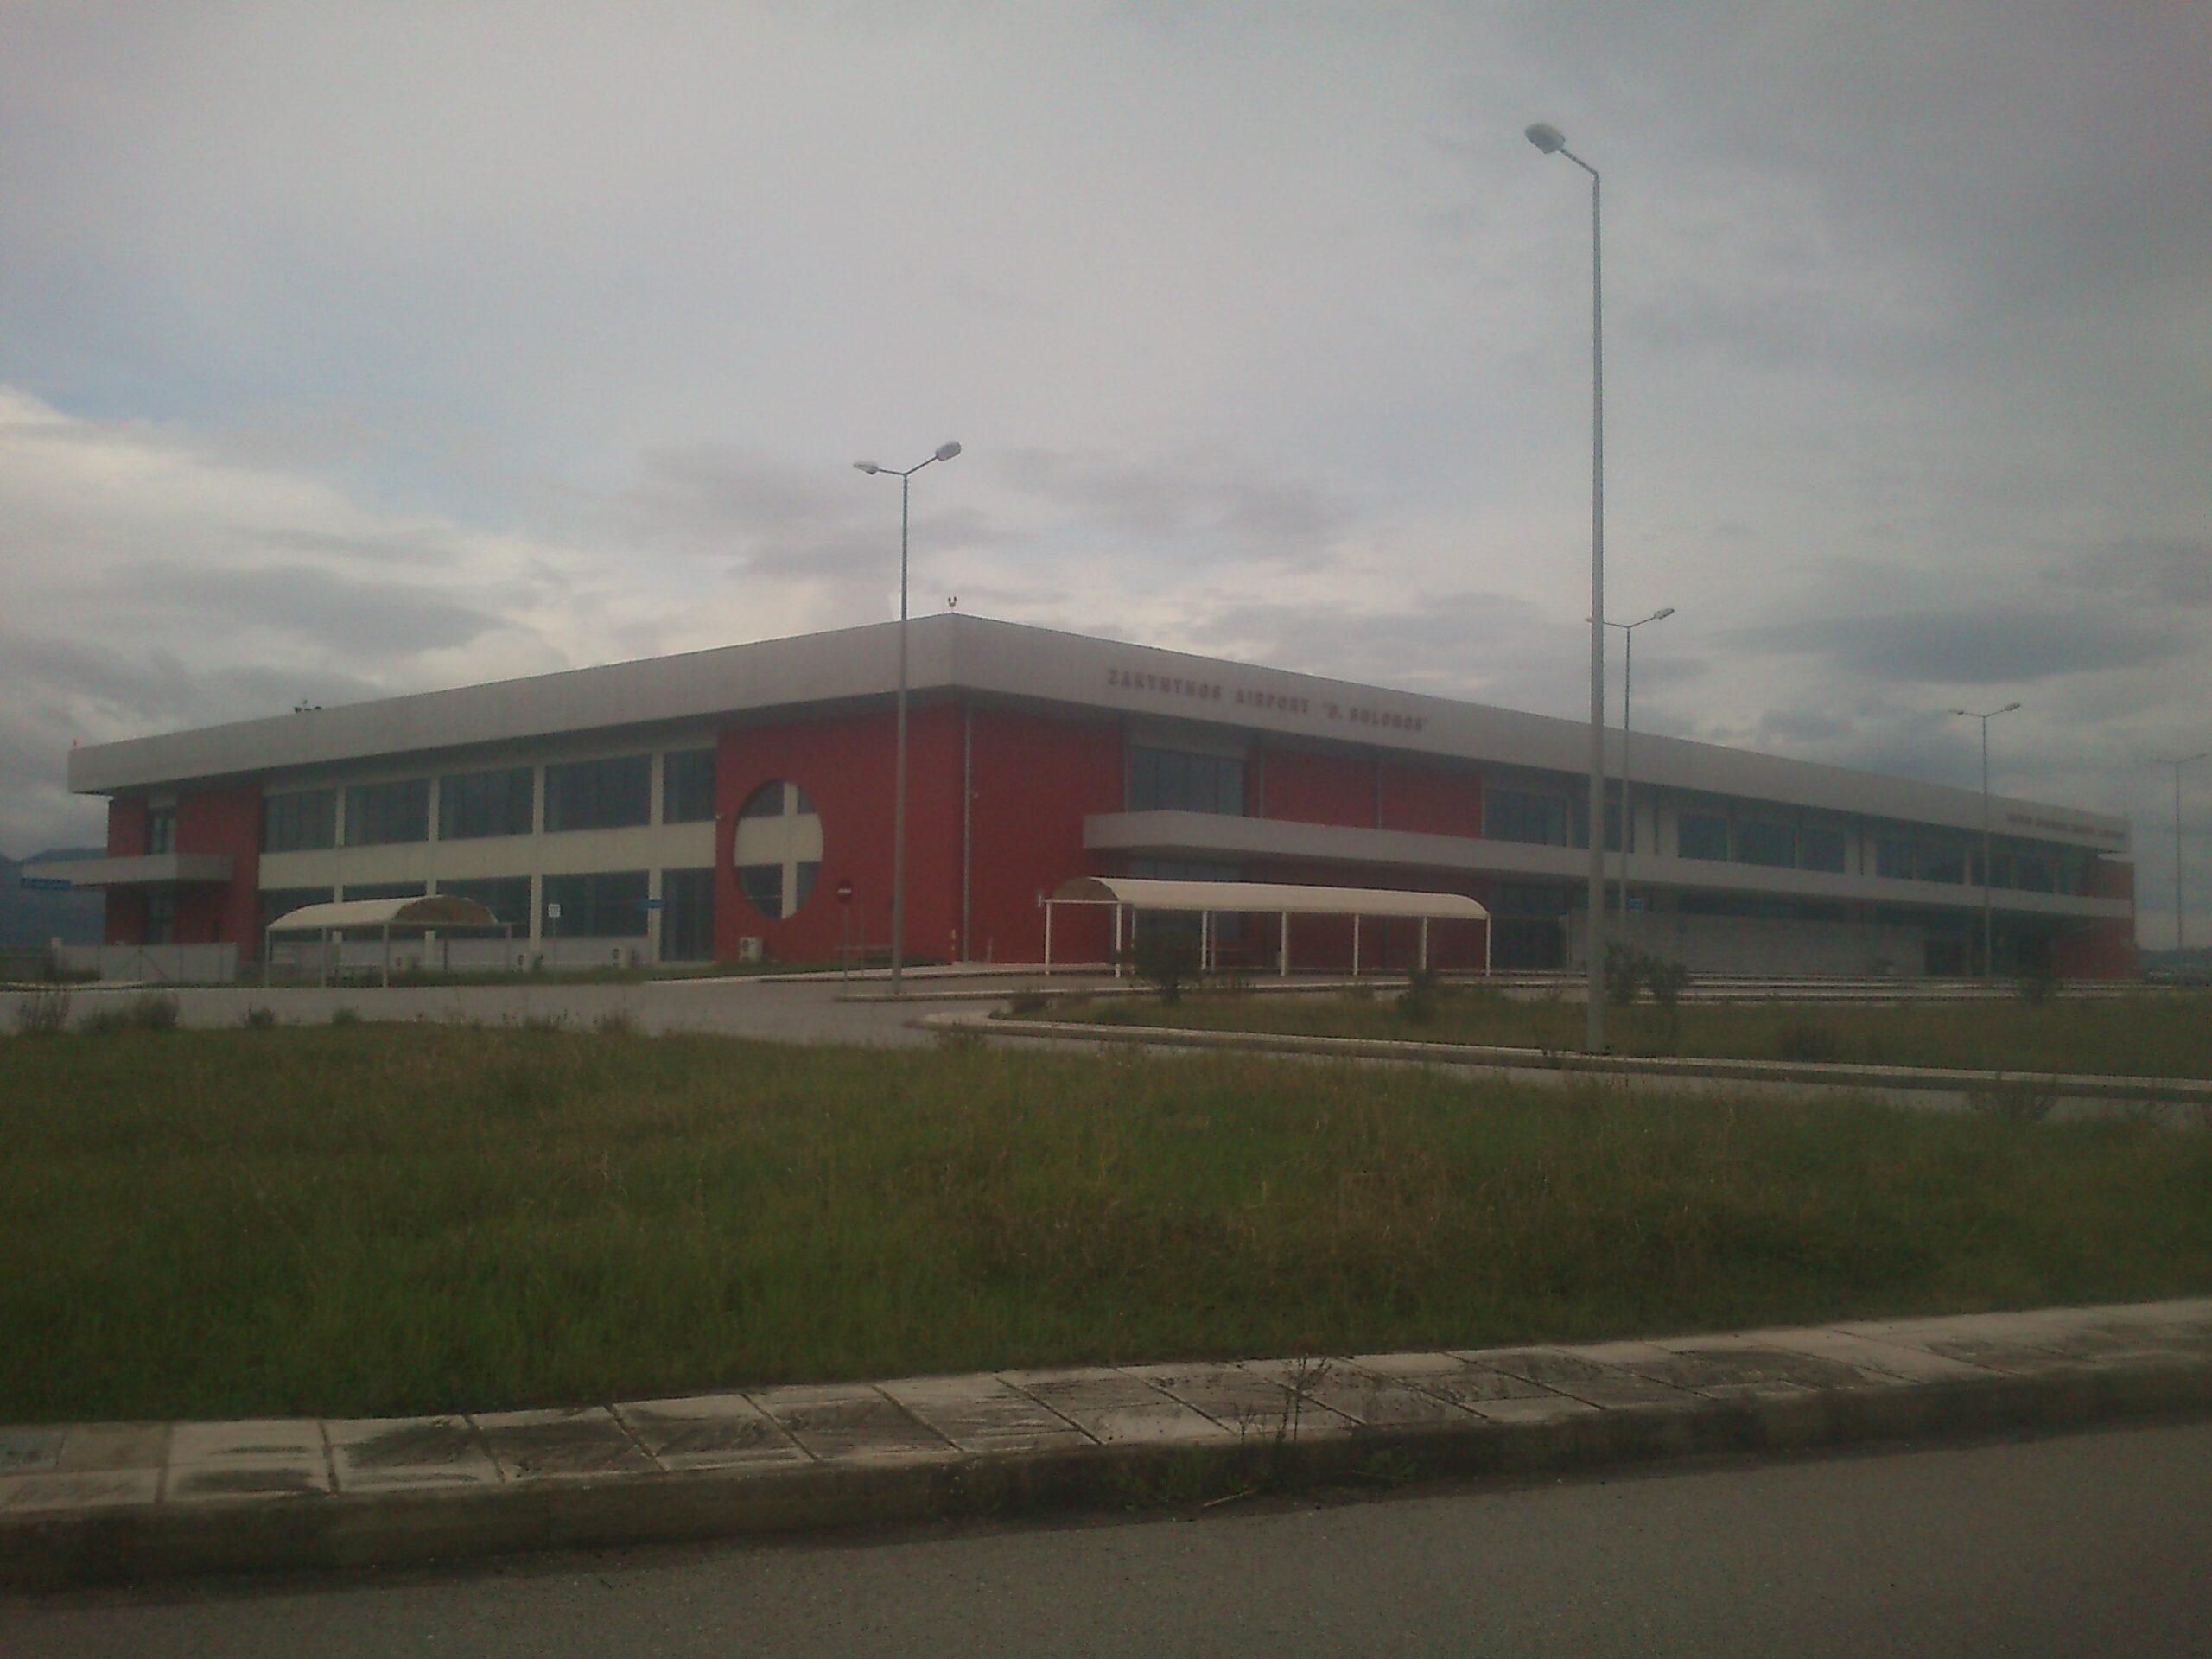 Βαφη Κτιριων Αεροδρομειο Ζακυνθου